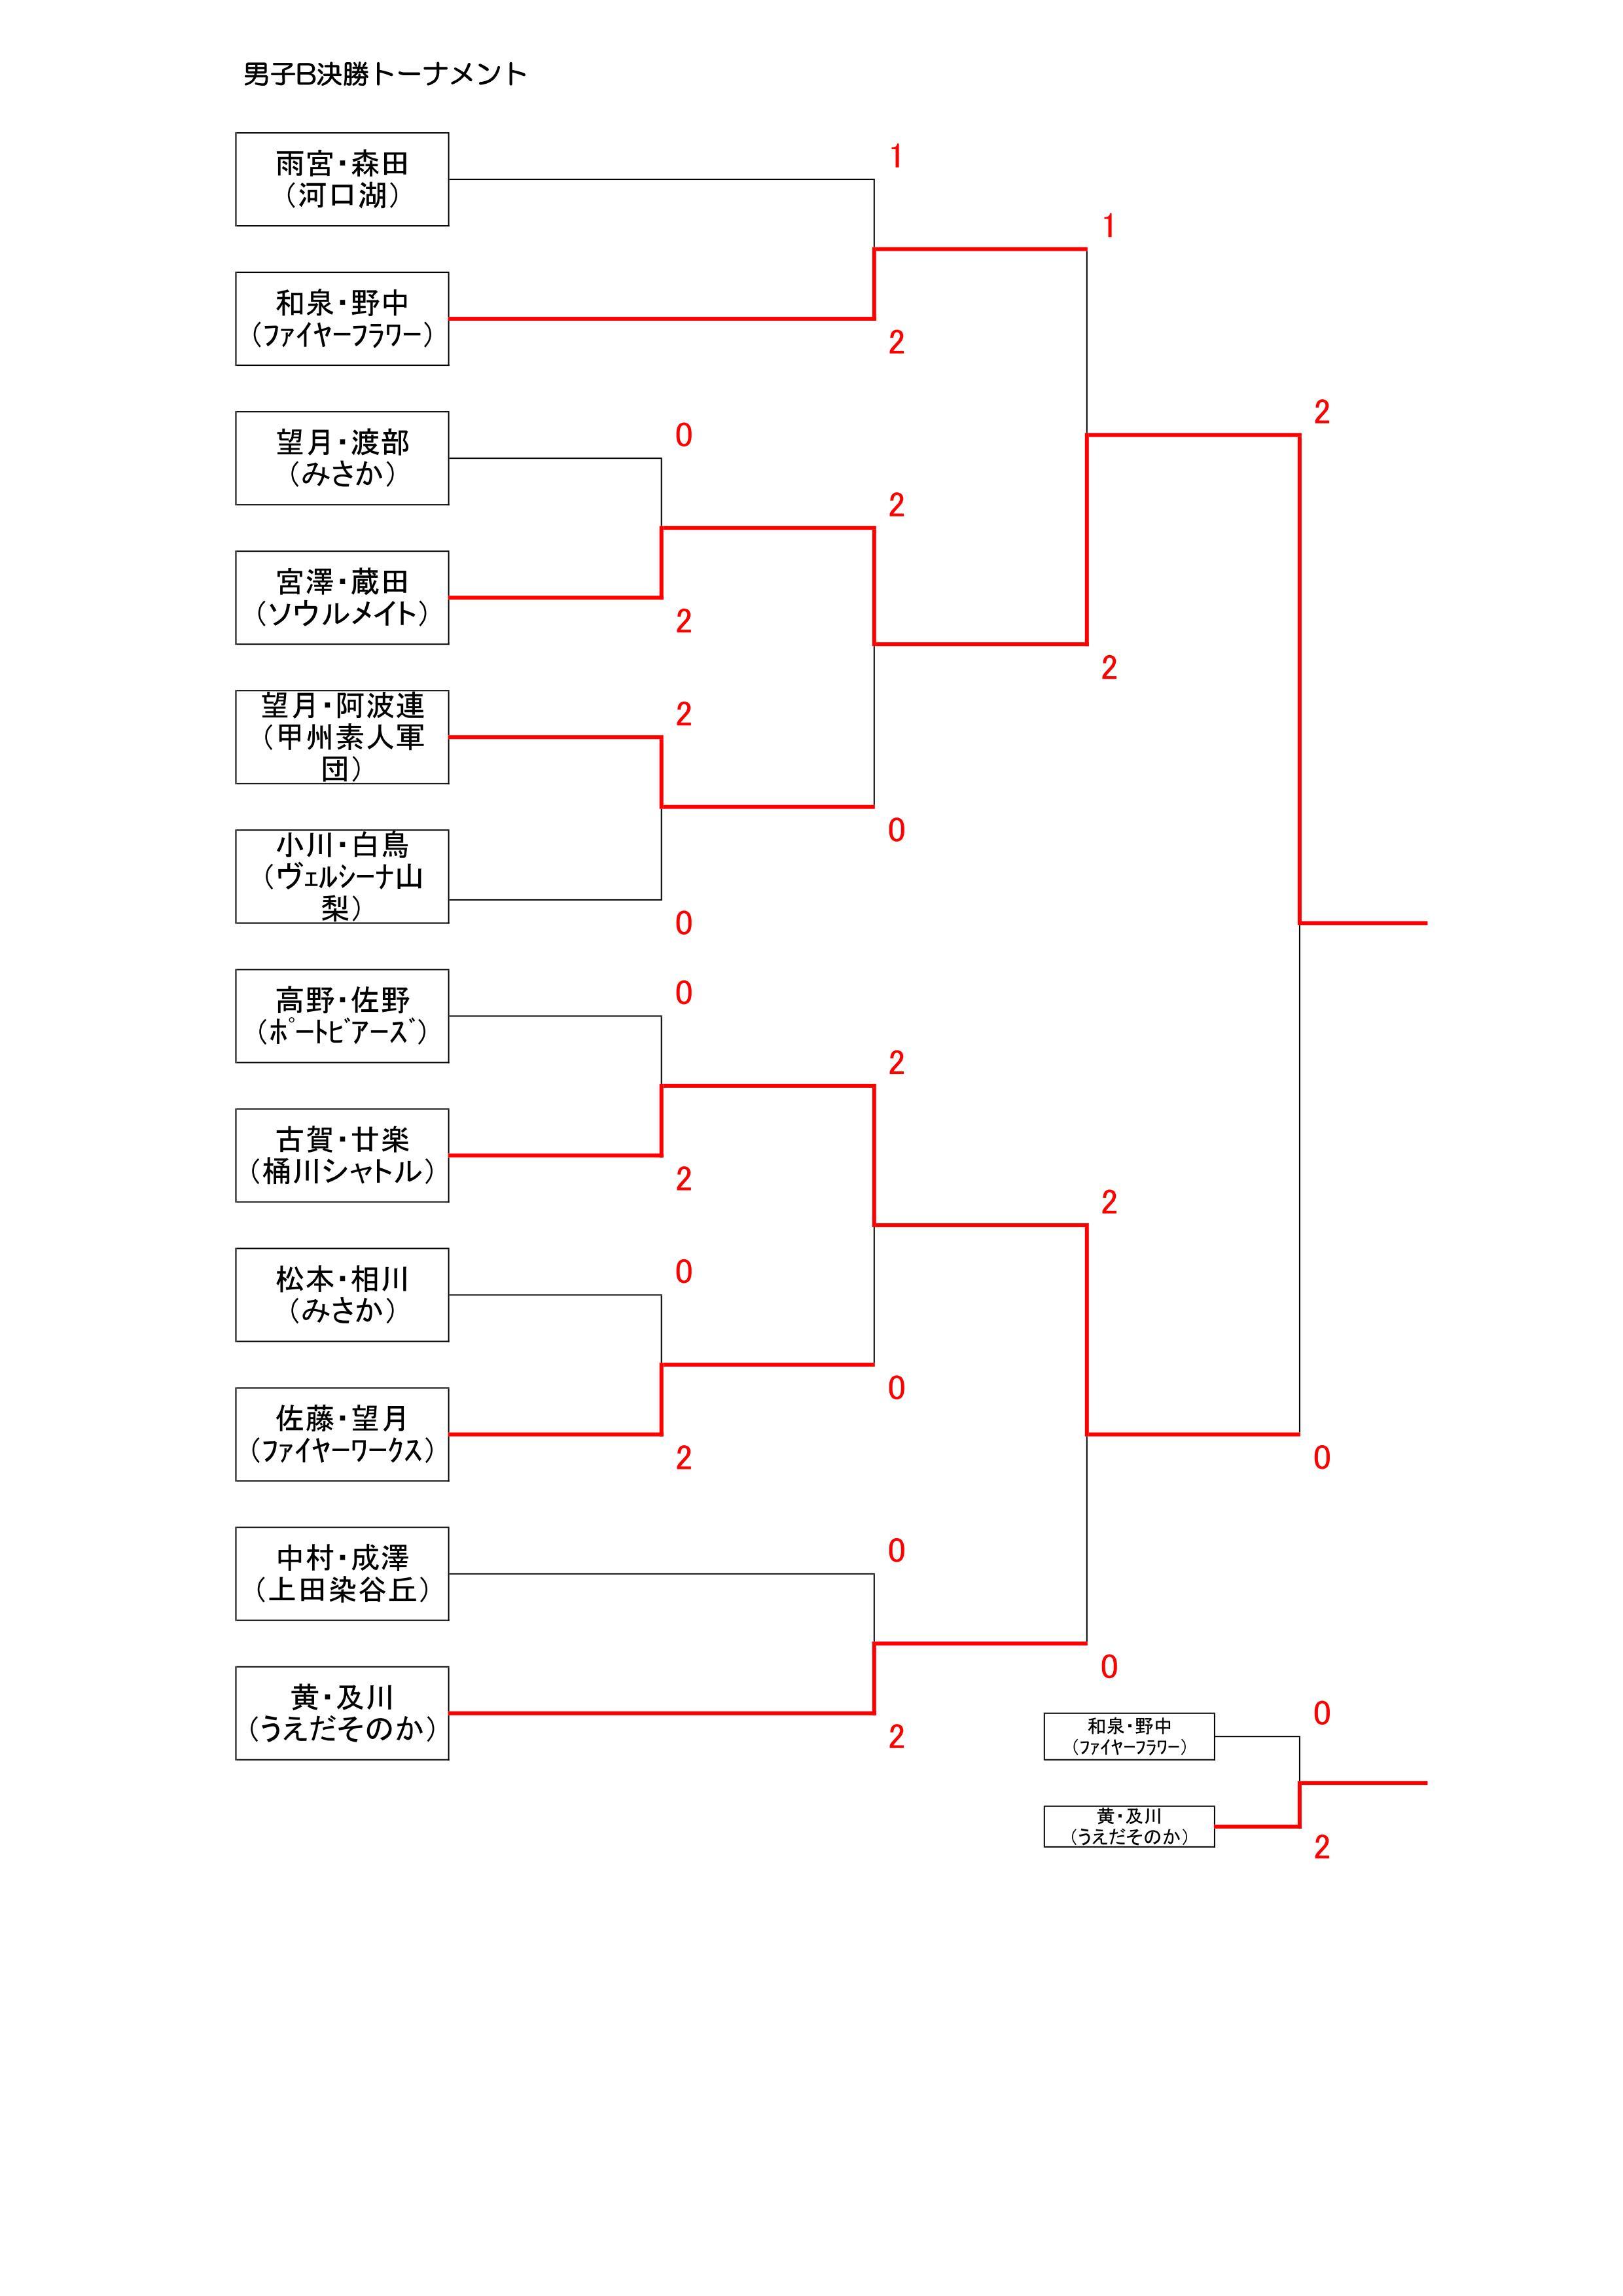 18男子Bトーナメント結果②